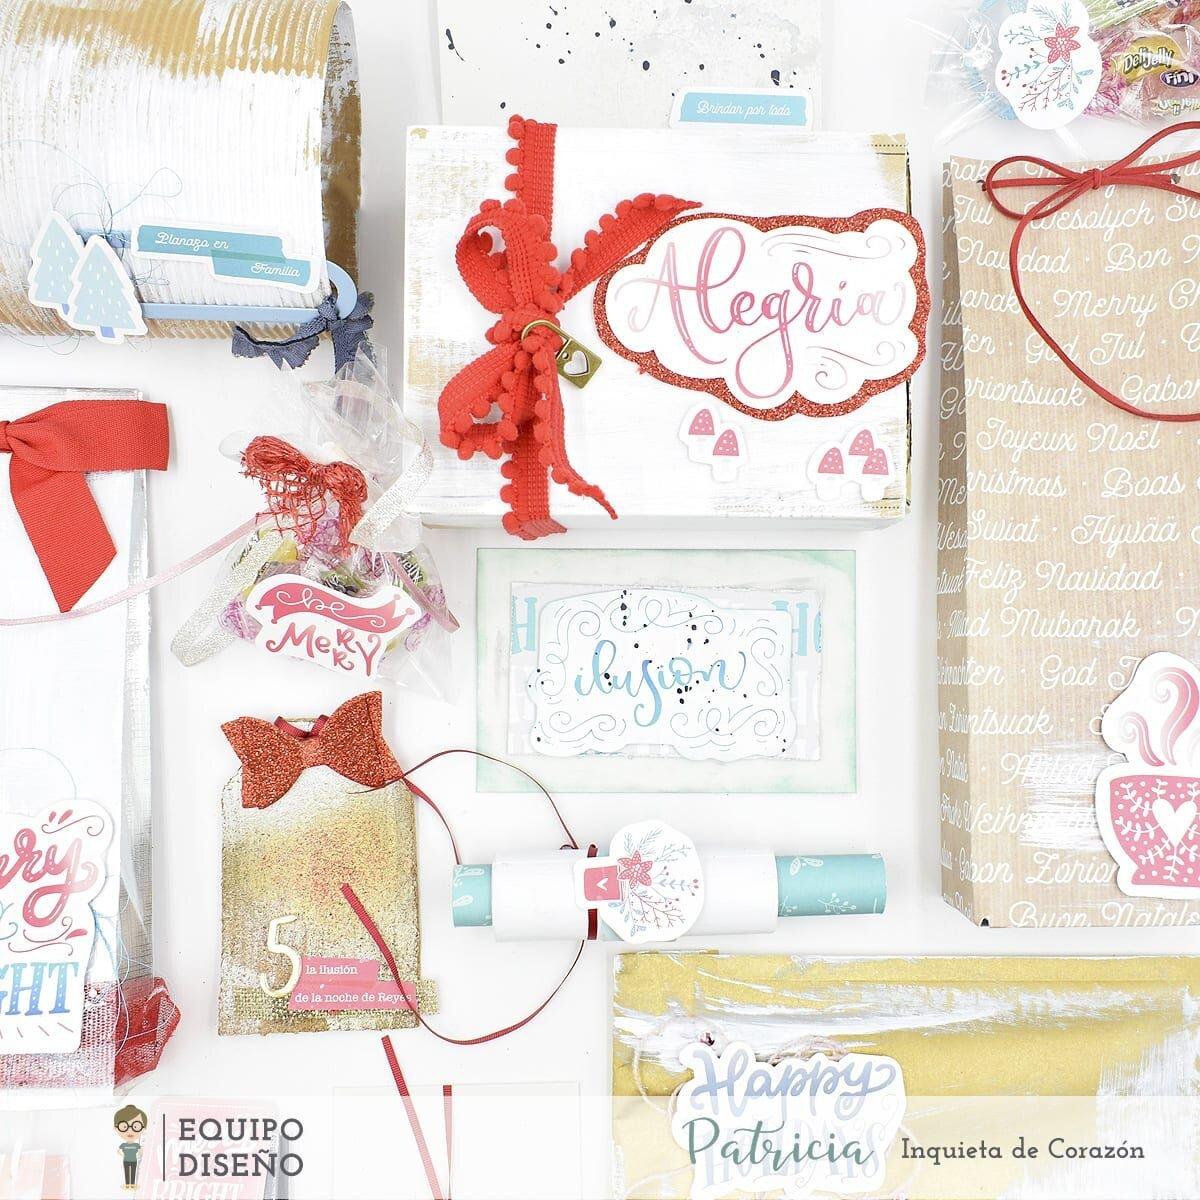 cocoloko-tutoria-scrapbooking-packaging-navideño-5.jpg